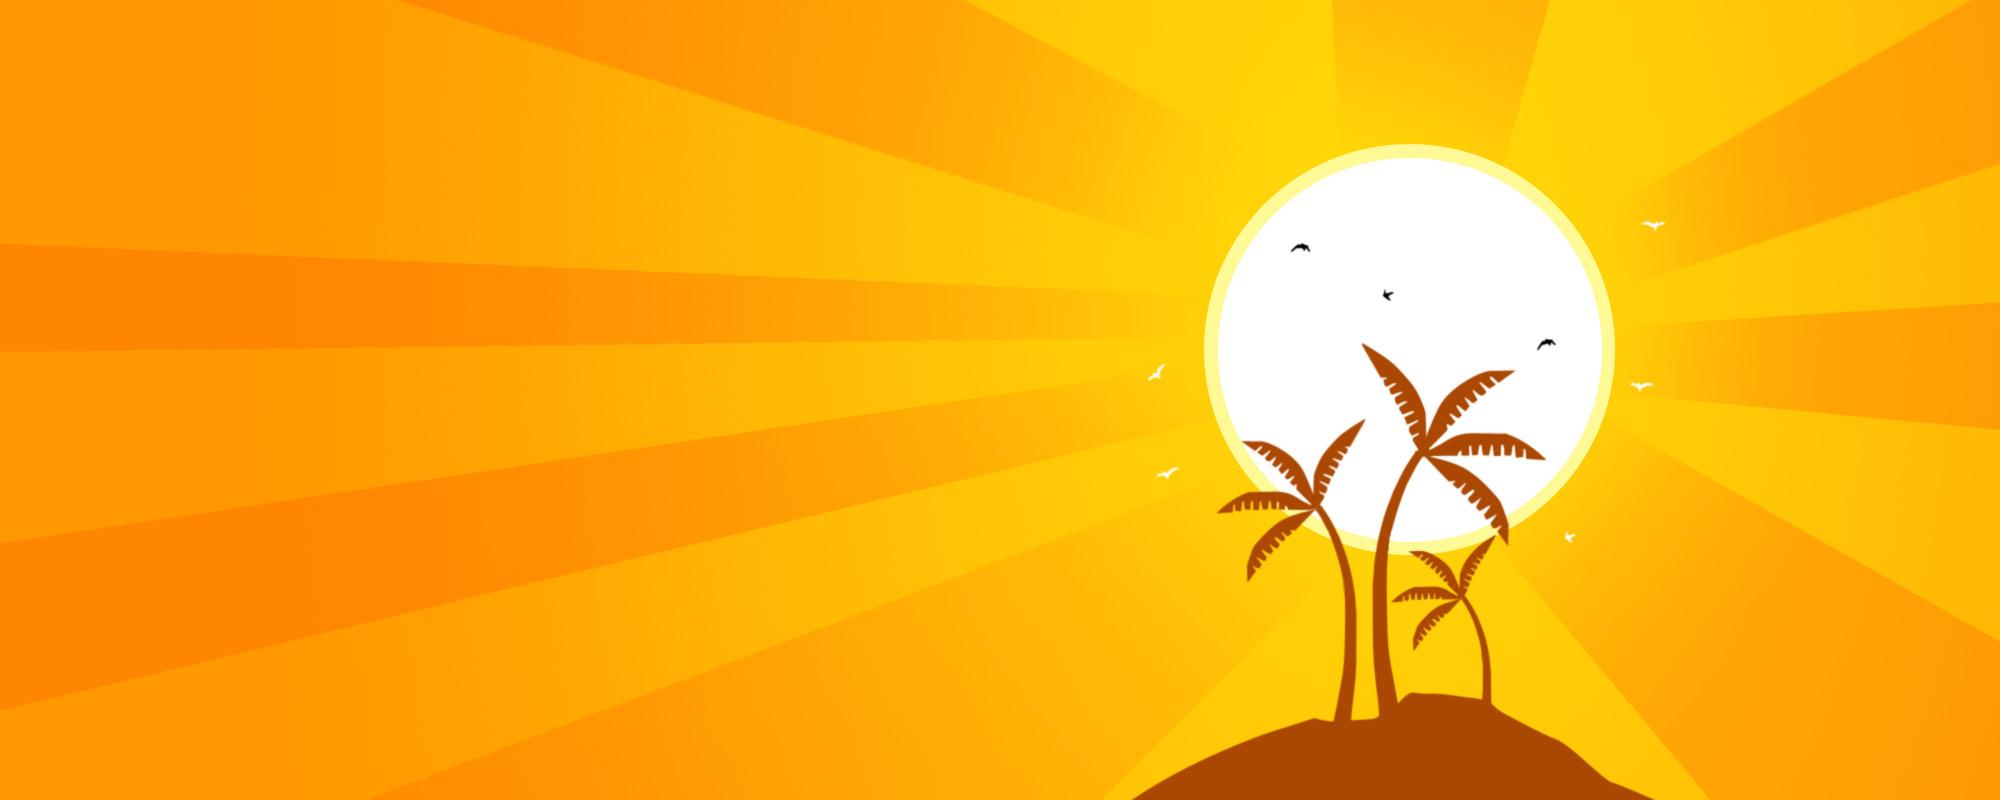 orange summer wallpaper, скачать фото, лето, небо, пальмы